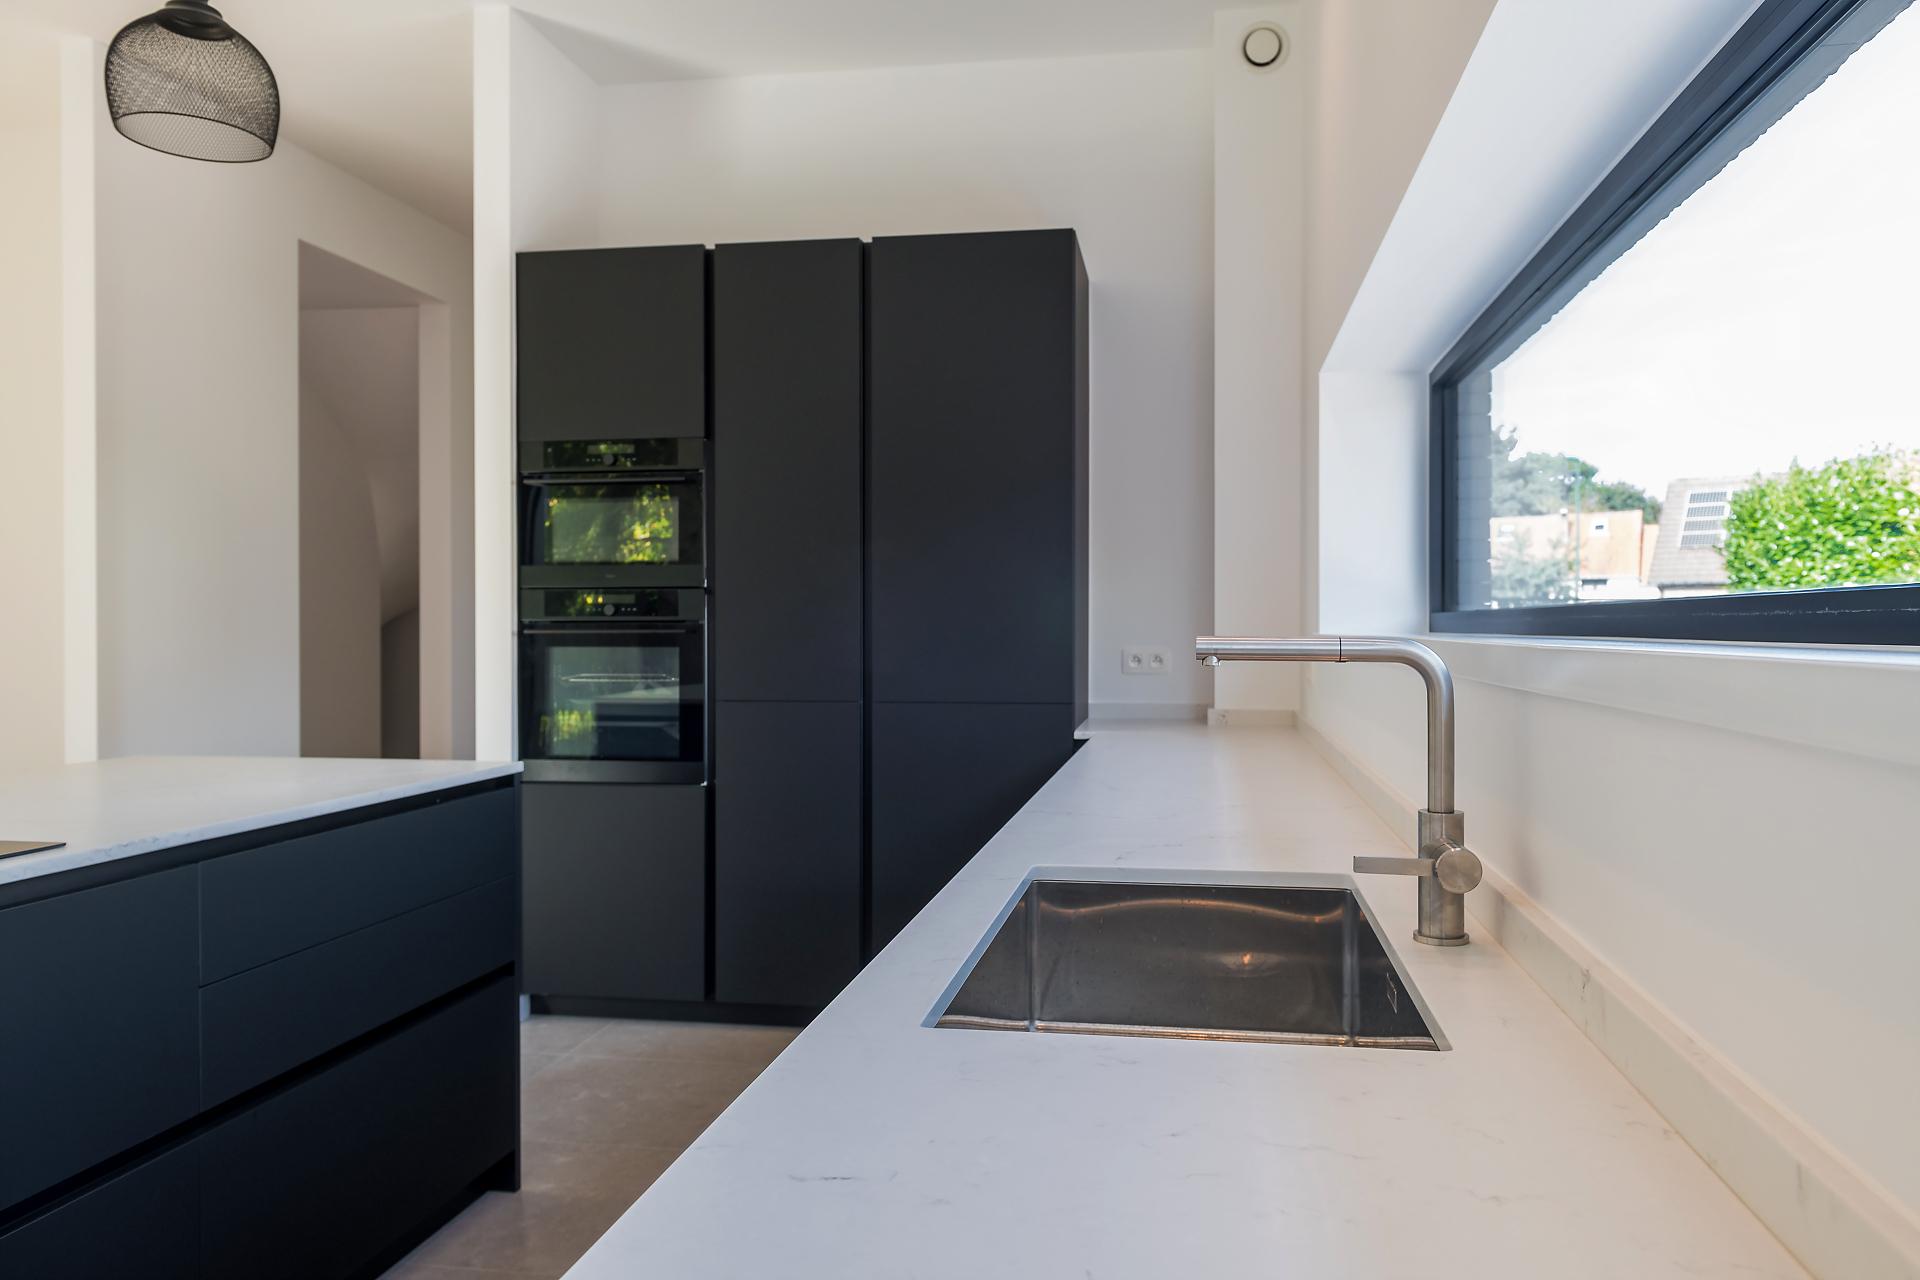 Cuisine moderne noir mat ouverte | Raison Home Belgium - 9